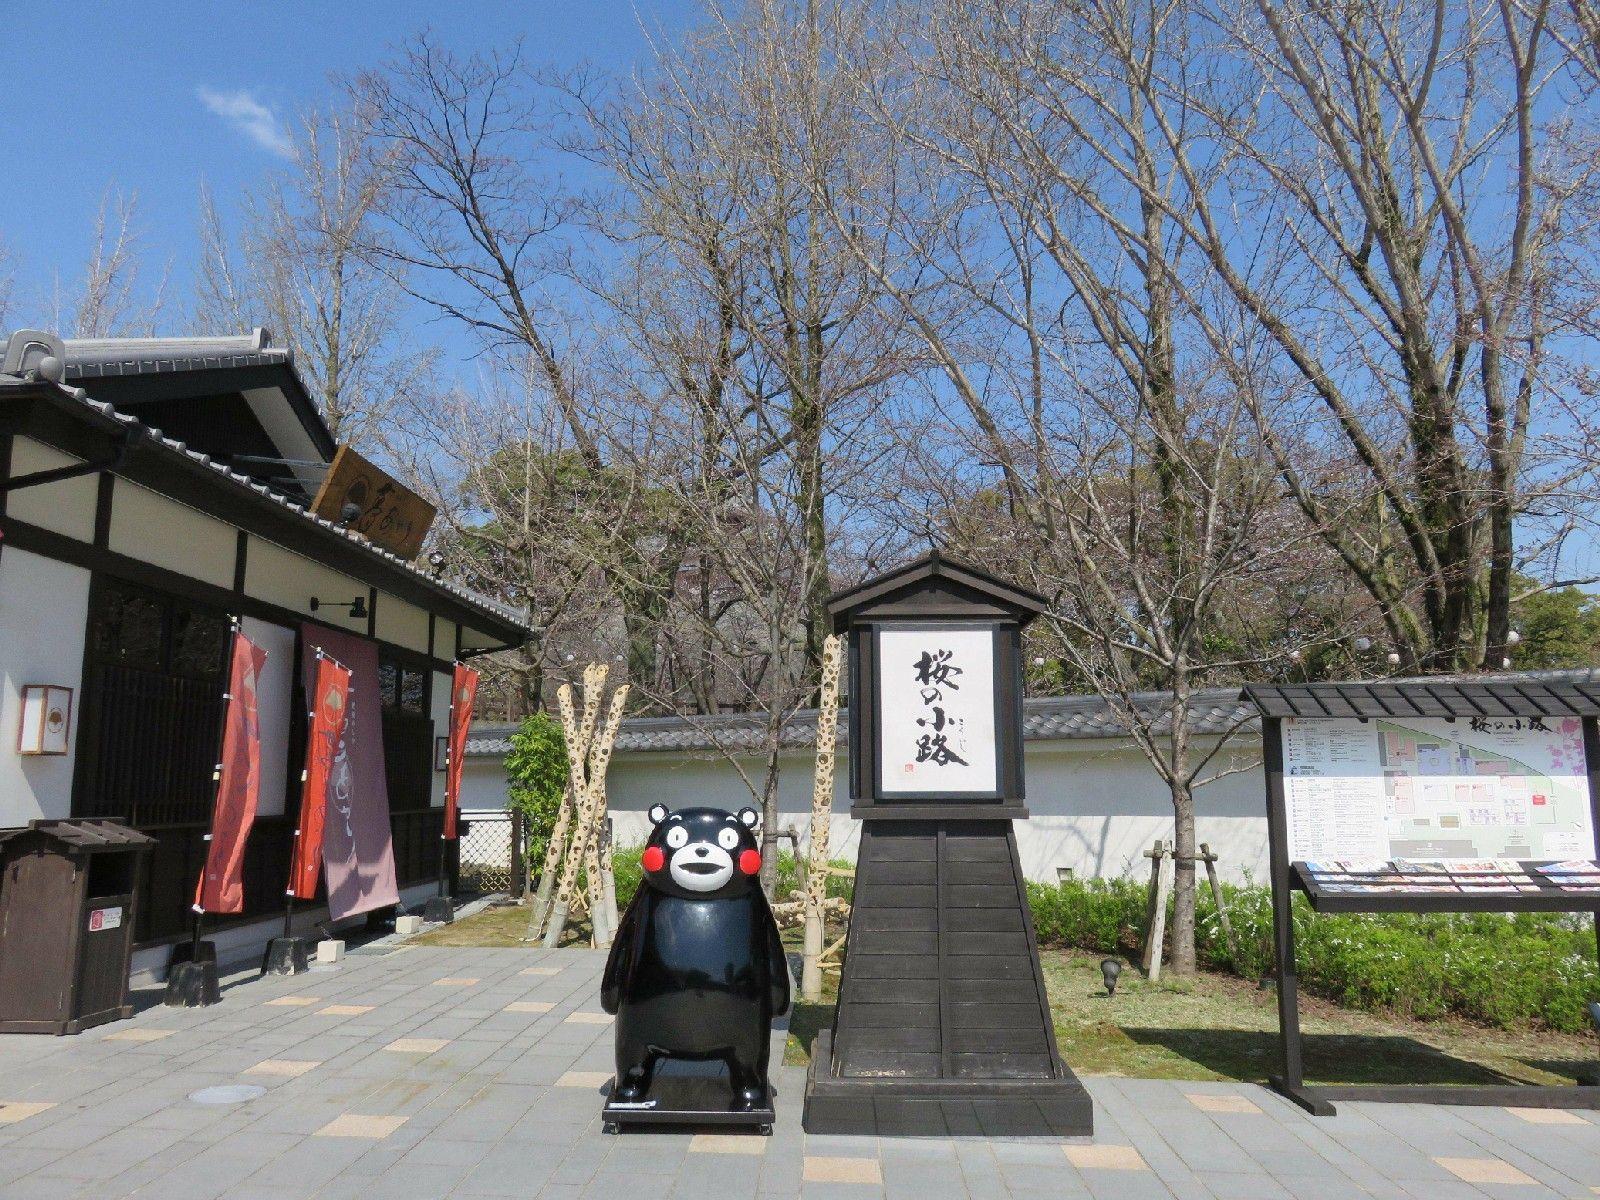 雙電車遊九州~久住花園、萌熊電車&太宰府旅人號、湯布院5日